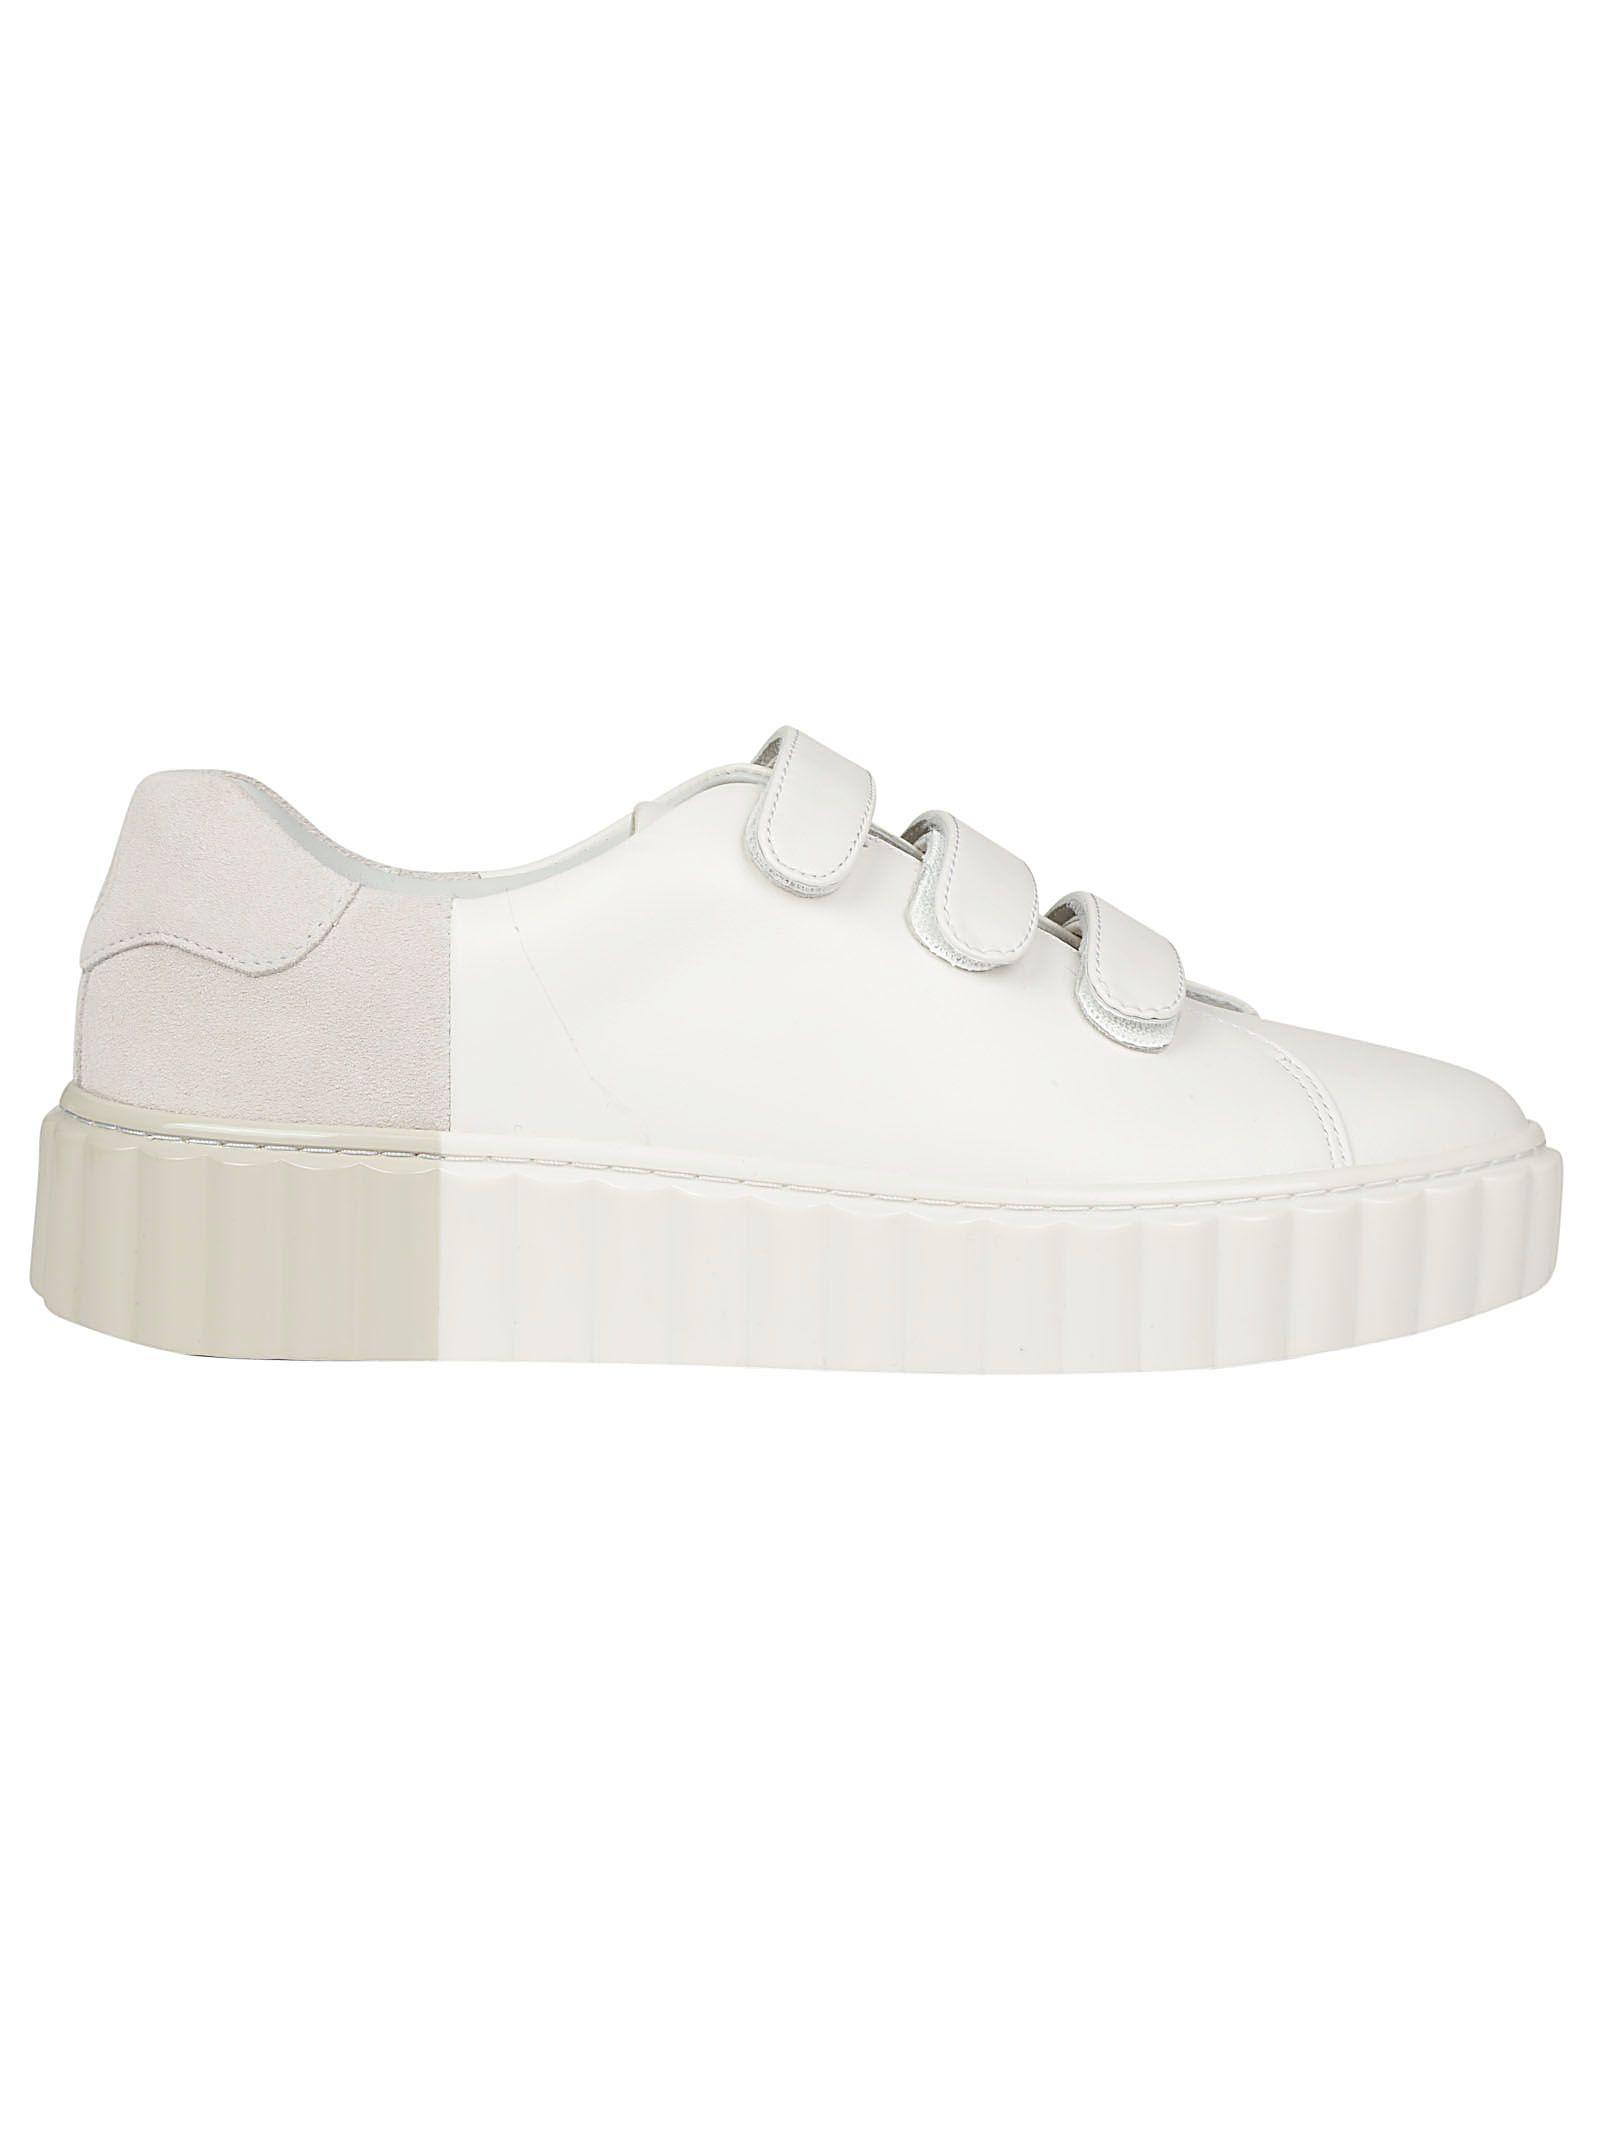 a8b1beb44472 Scallop Triplestrap Sneakers. Ruffle sneakers. Tory Burch. Scallop  Triplestrap Sneakers